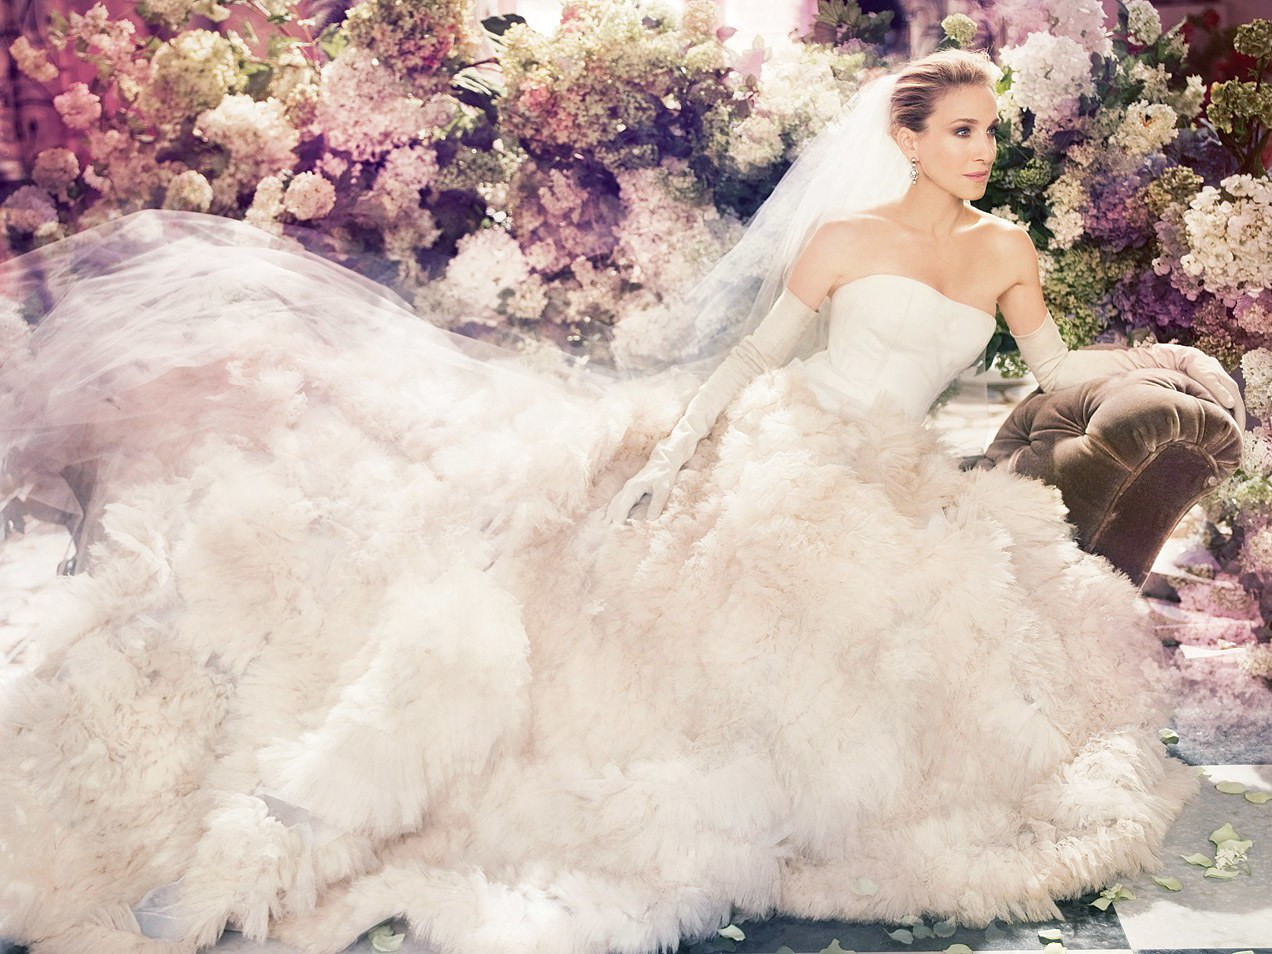 Sarah Jessica Parker Launches Bridal Line